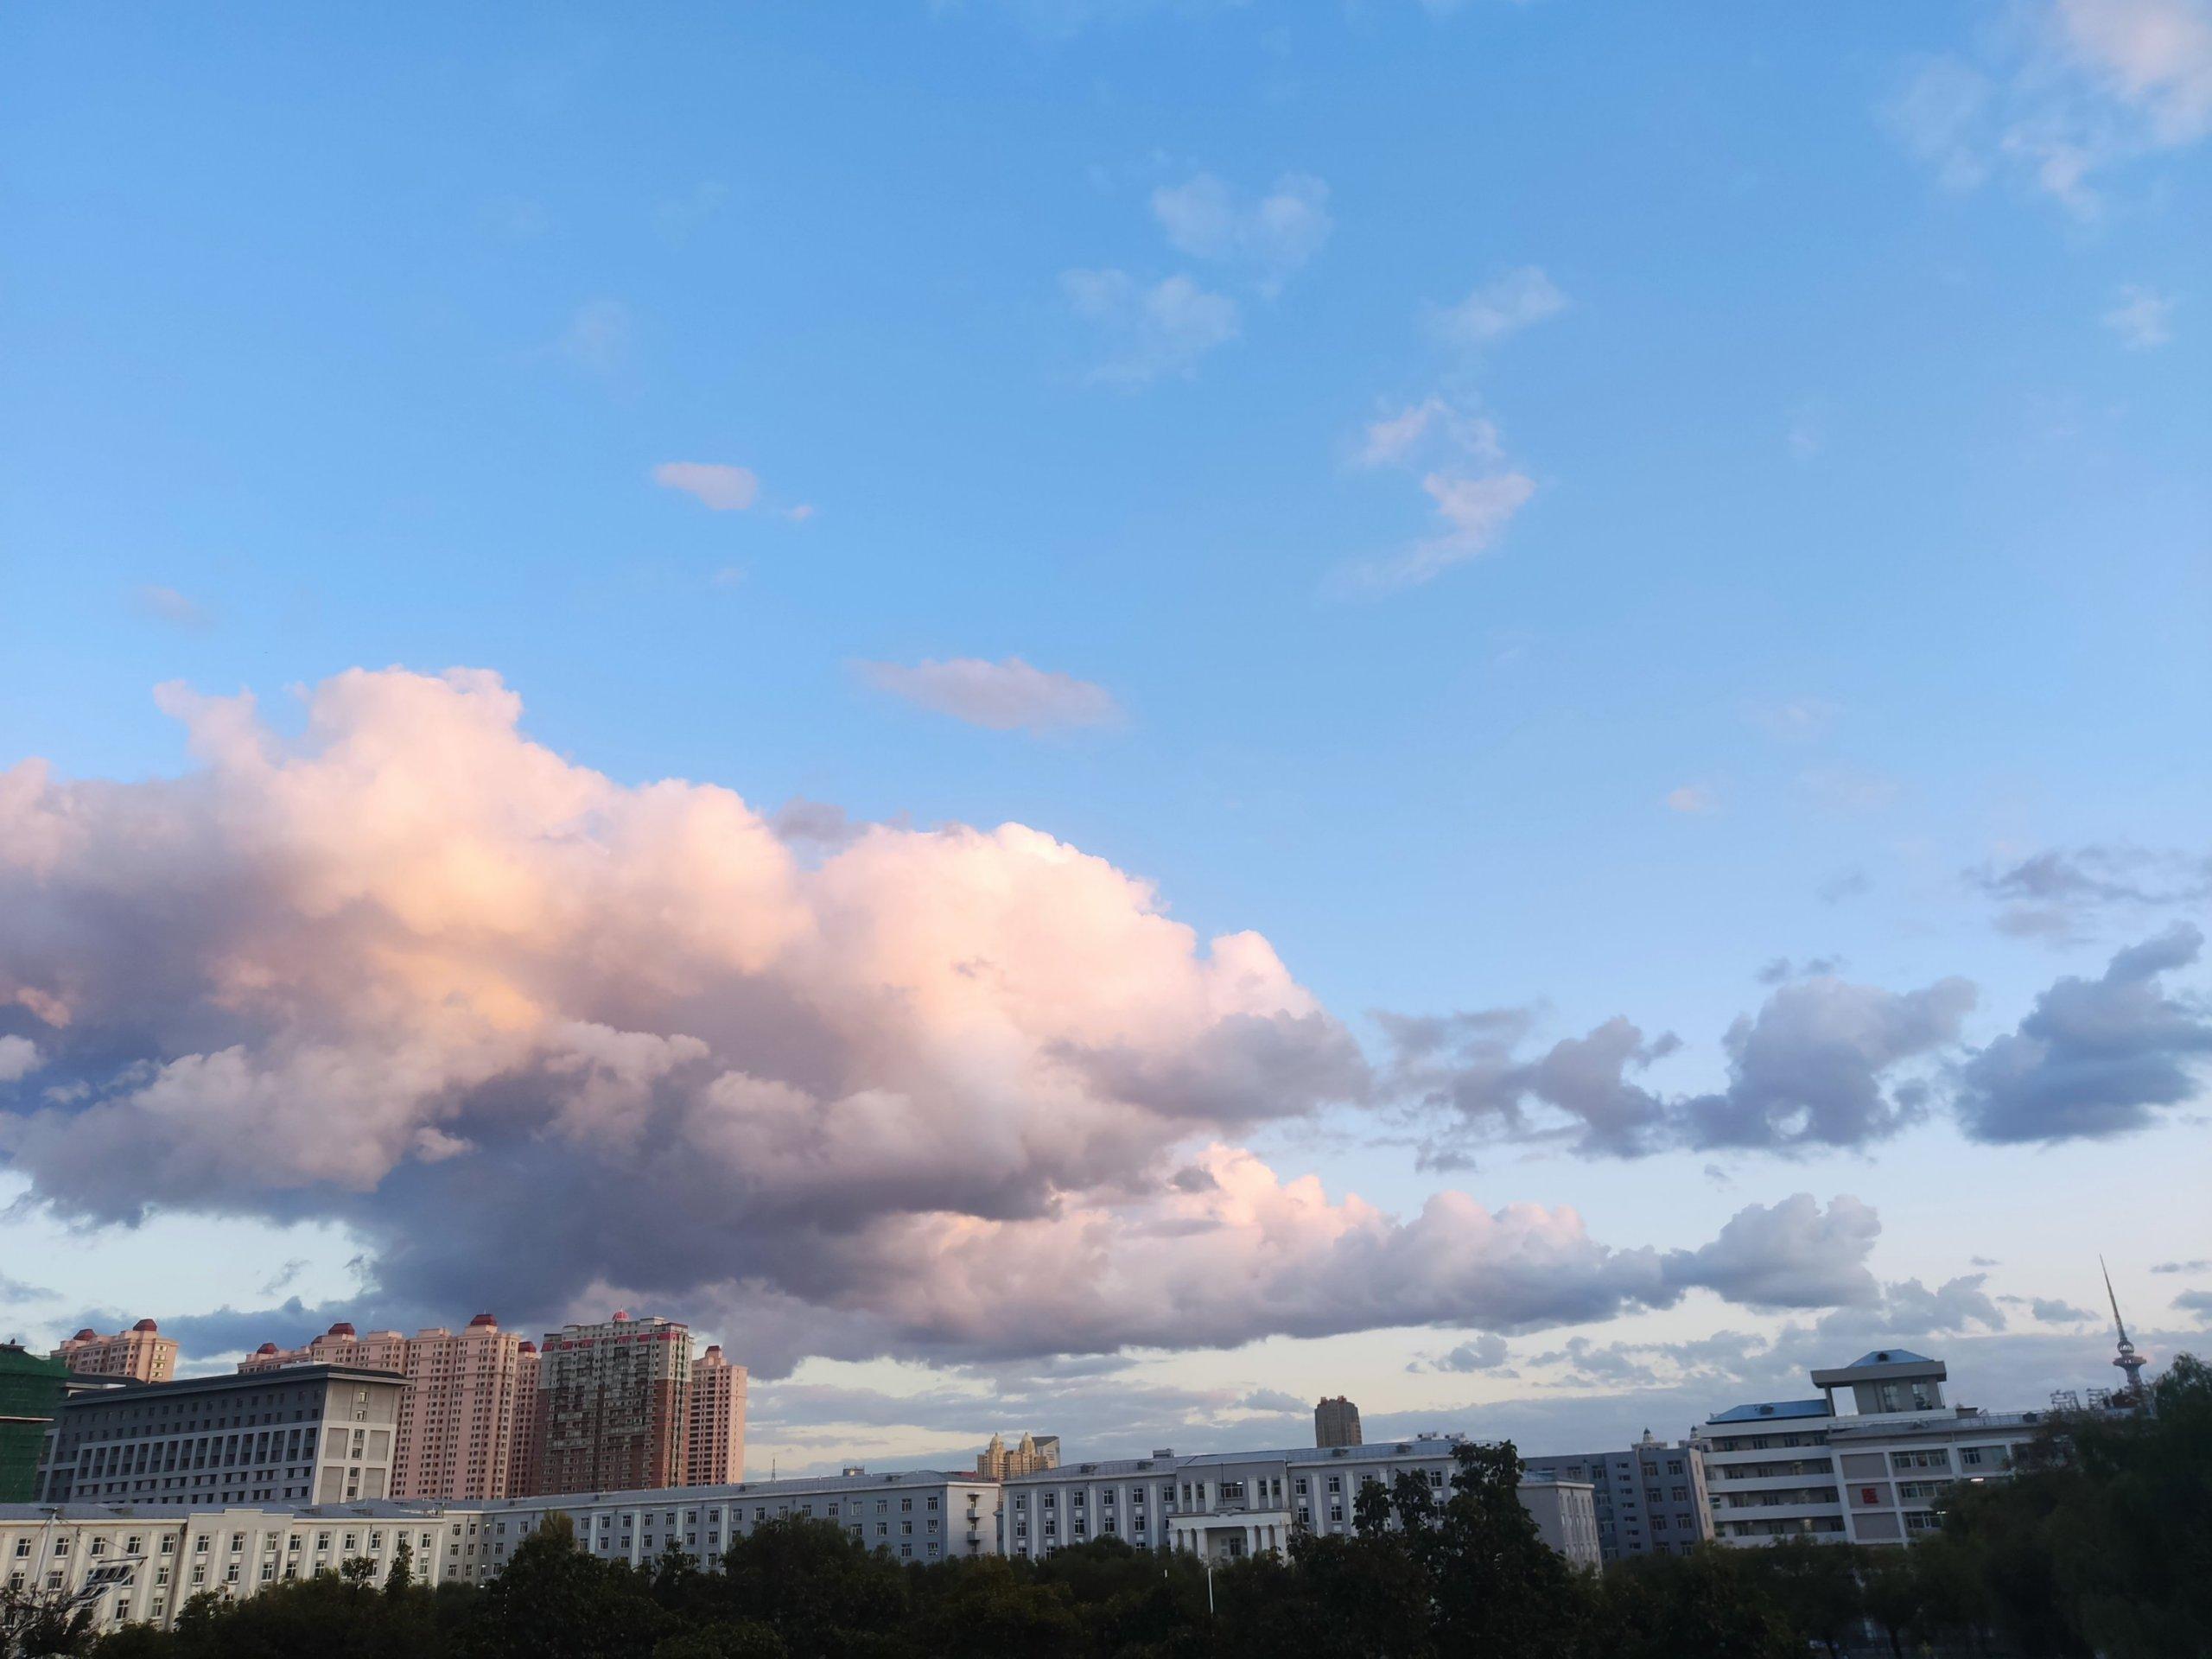 总感觉哈尔滨的云彩特别低插图1